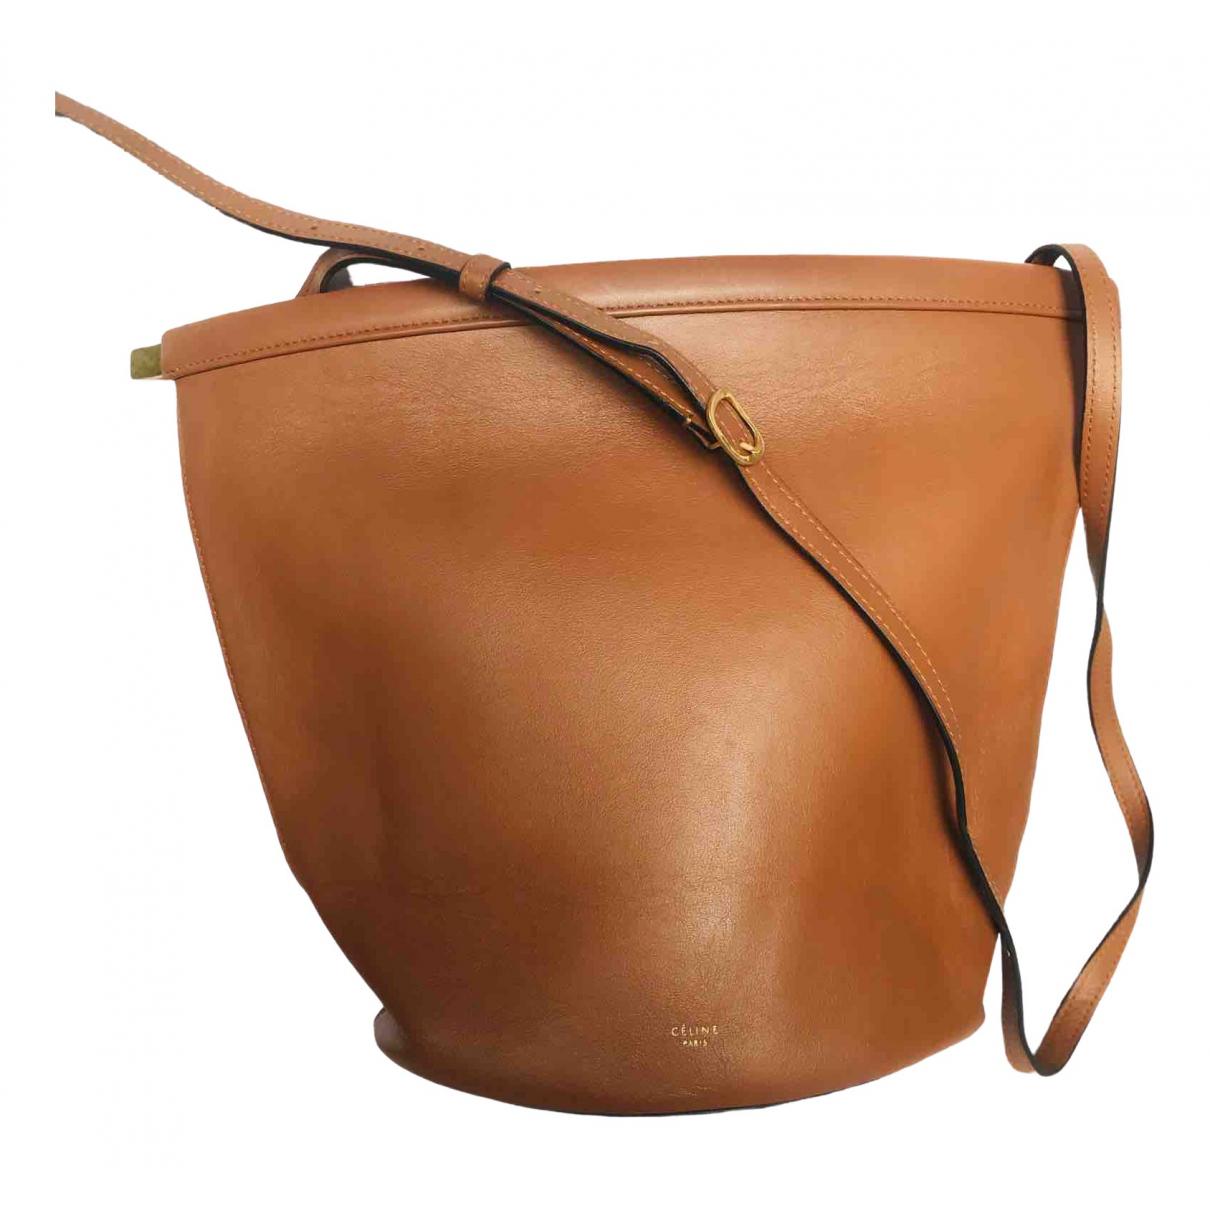 Celine - Sac a main Clasp Bucket pour femme en cuir - marron